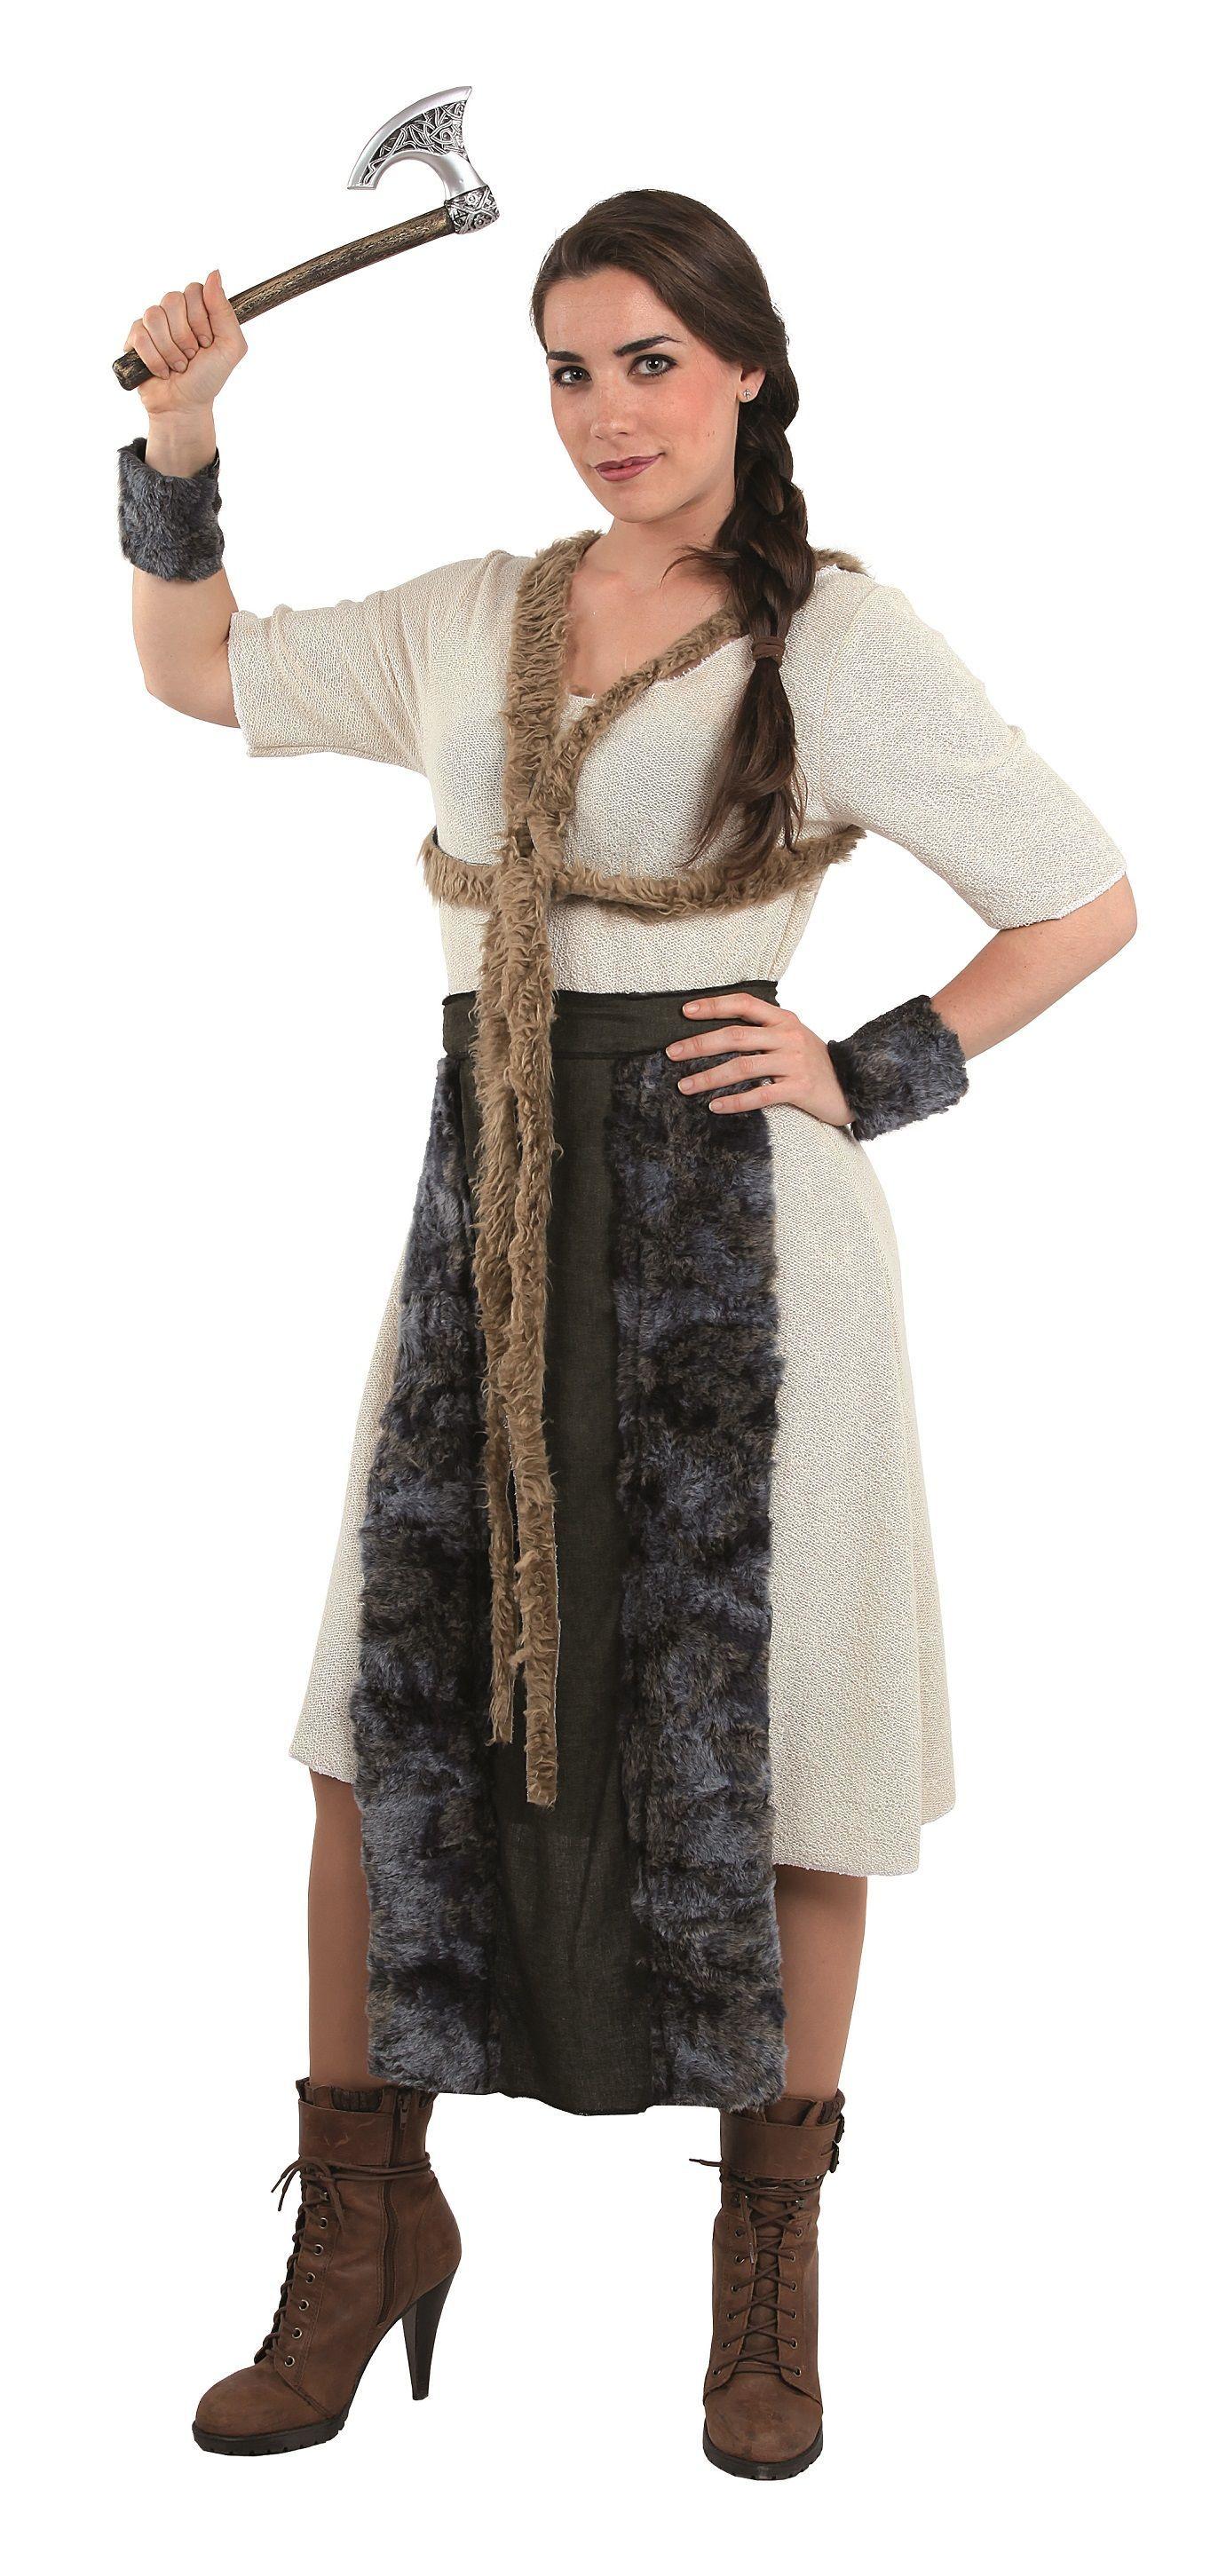 617f4f90e Disfraz de valiente guerrera vikinga para mujer en 2019 | Disfraces ...